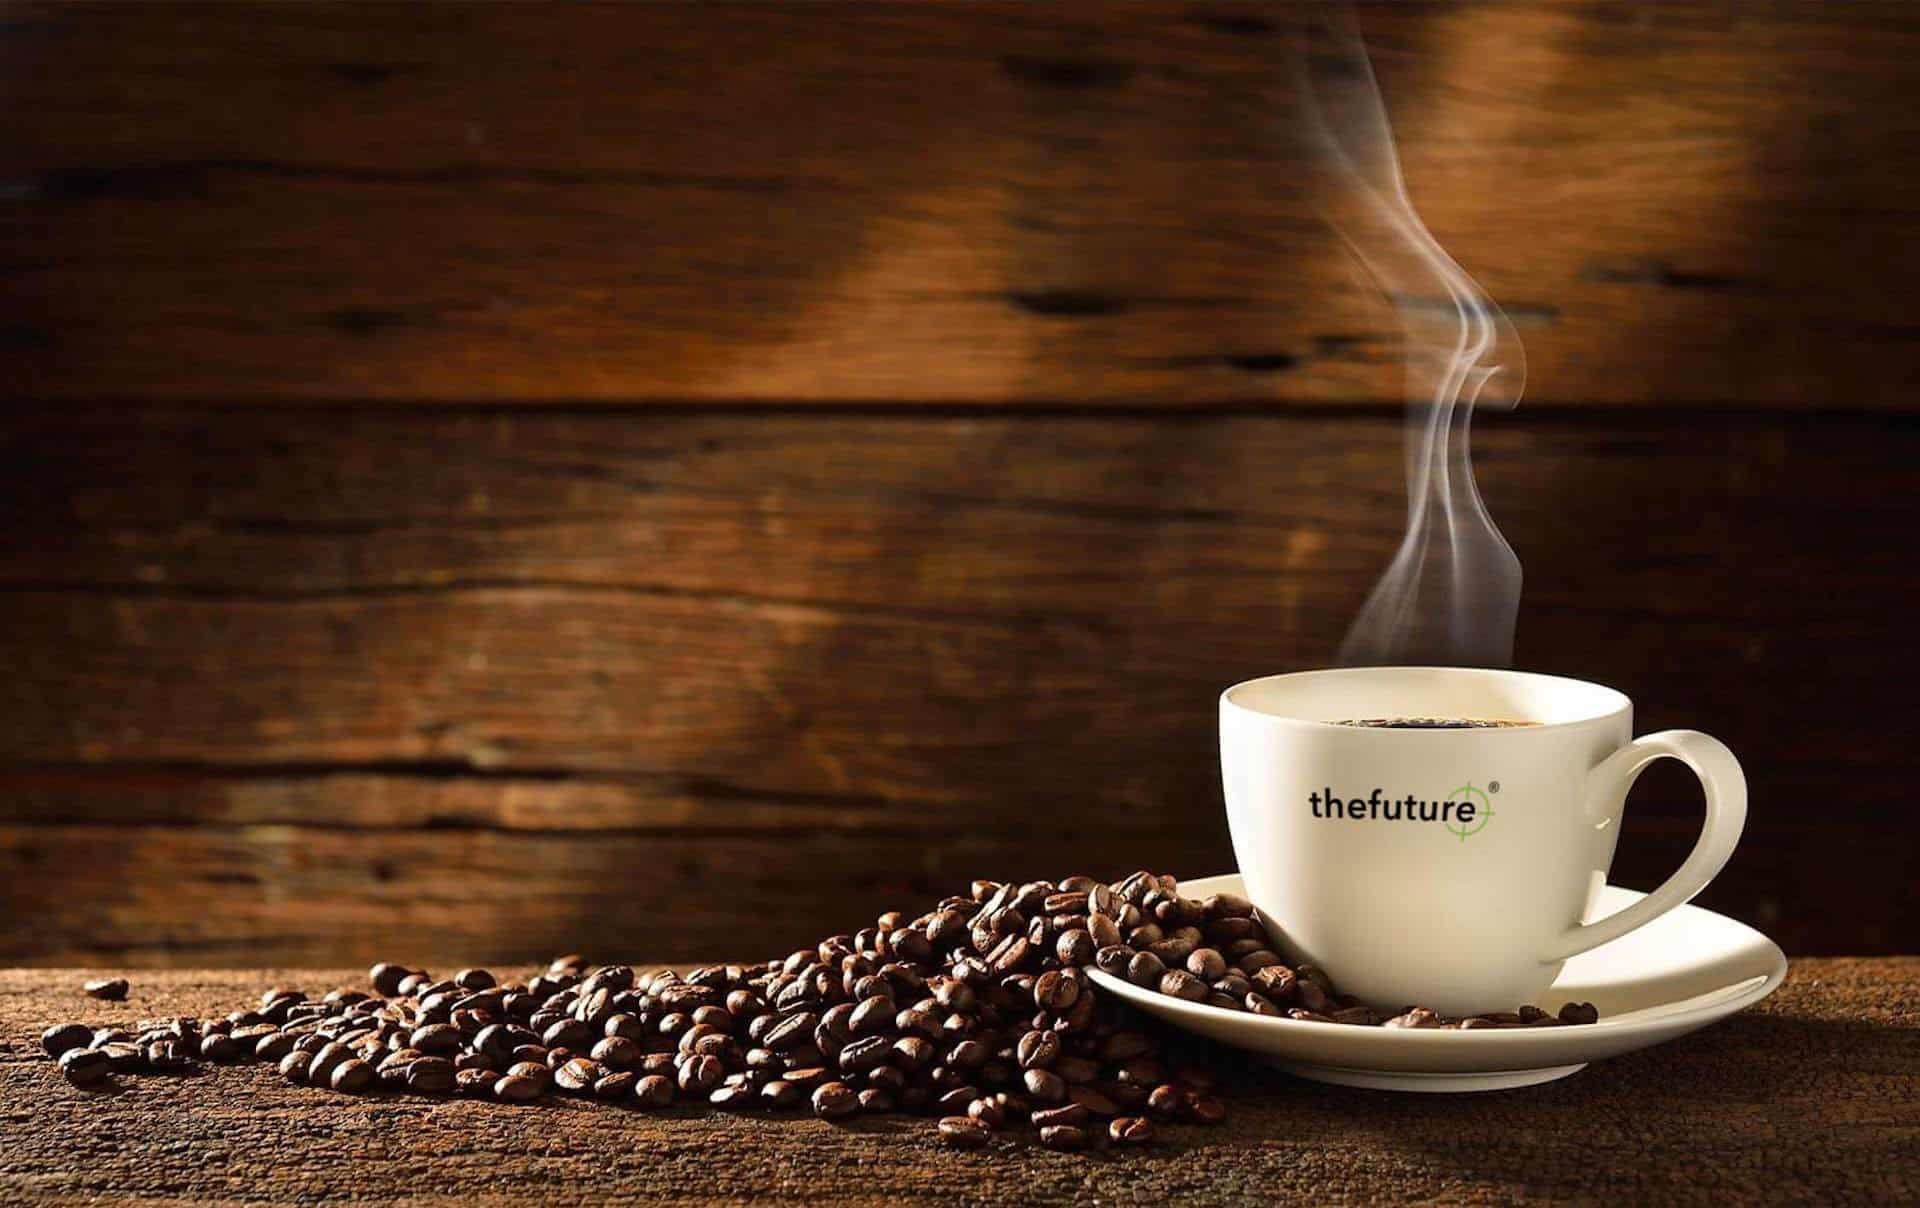 thefuture, kontakta oss, kaffekopp